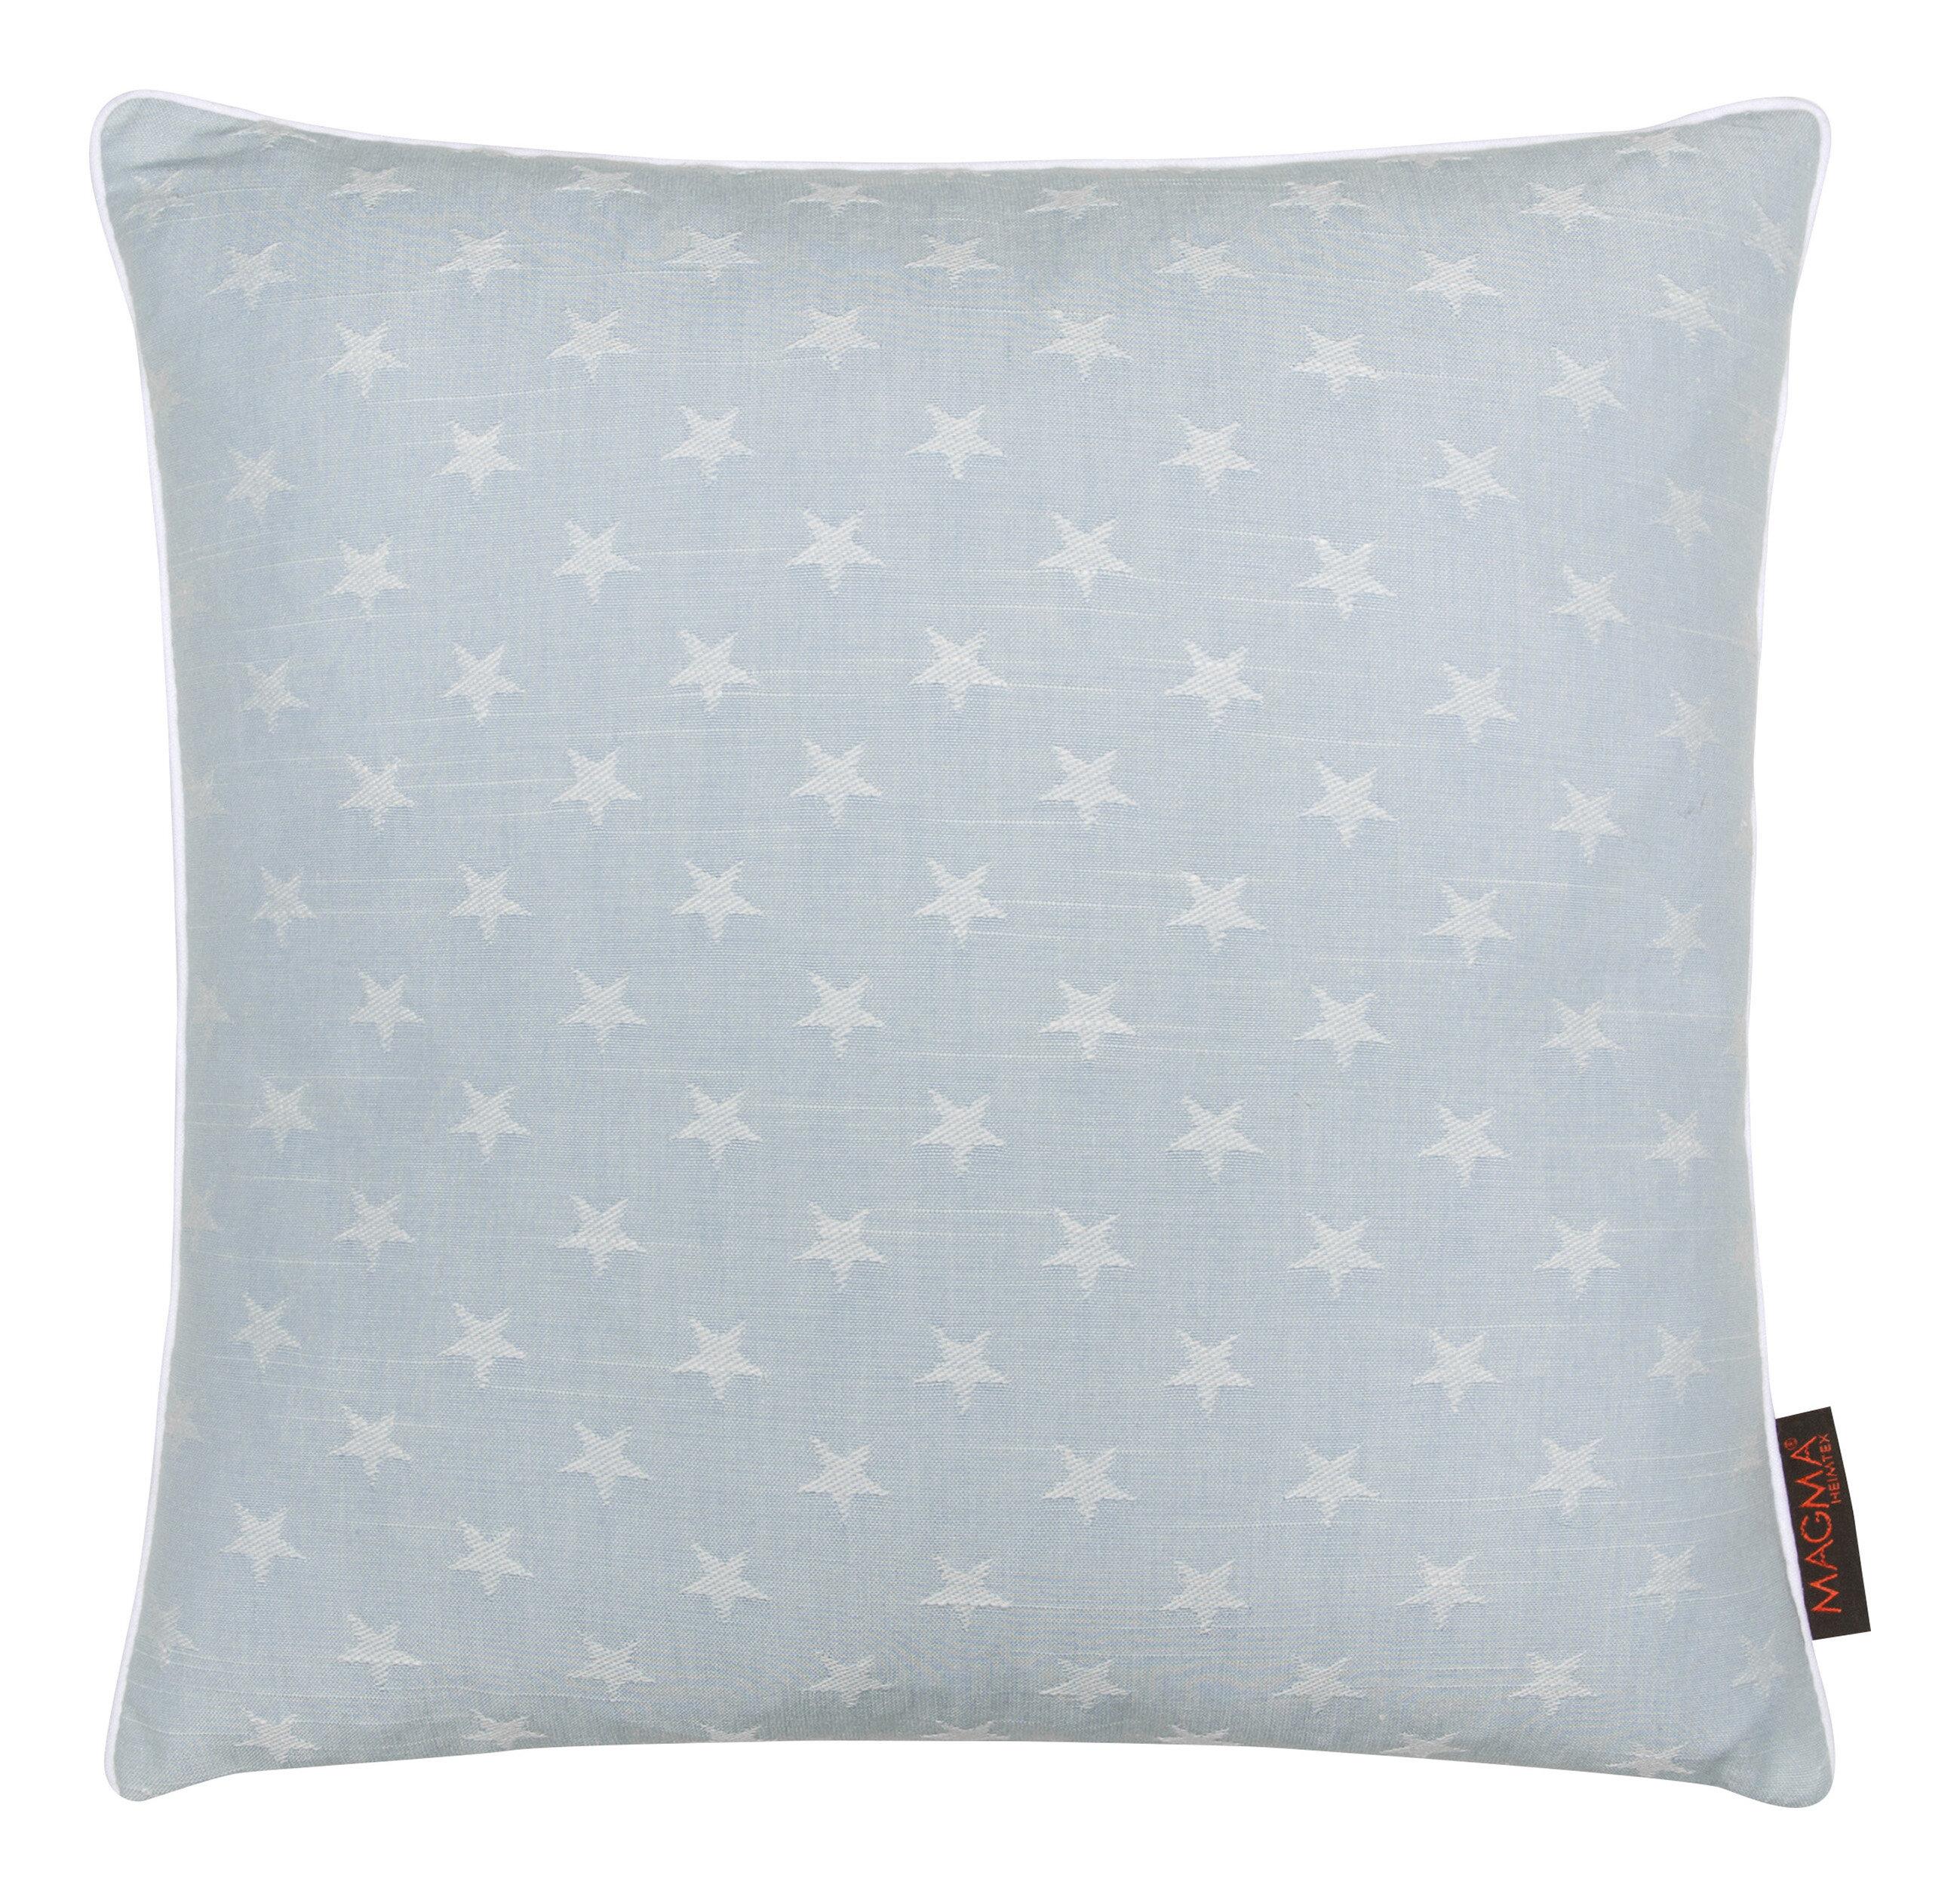 Gouchee Home Maine Throw Pillow Wayfair